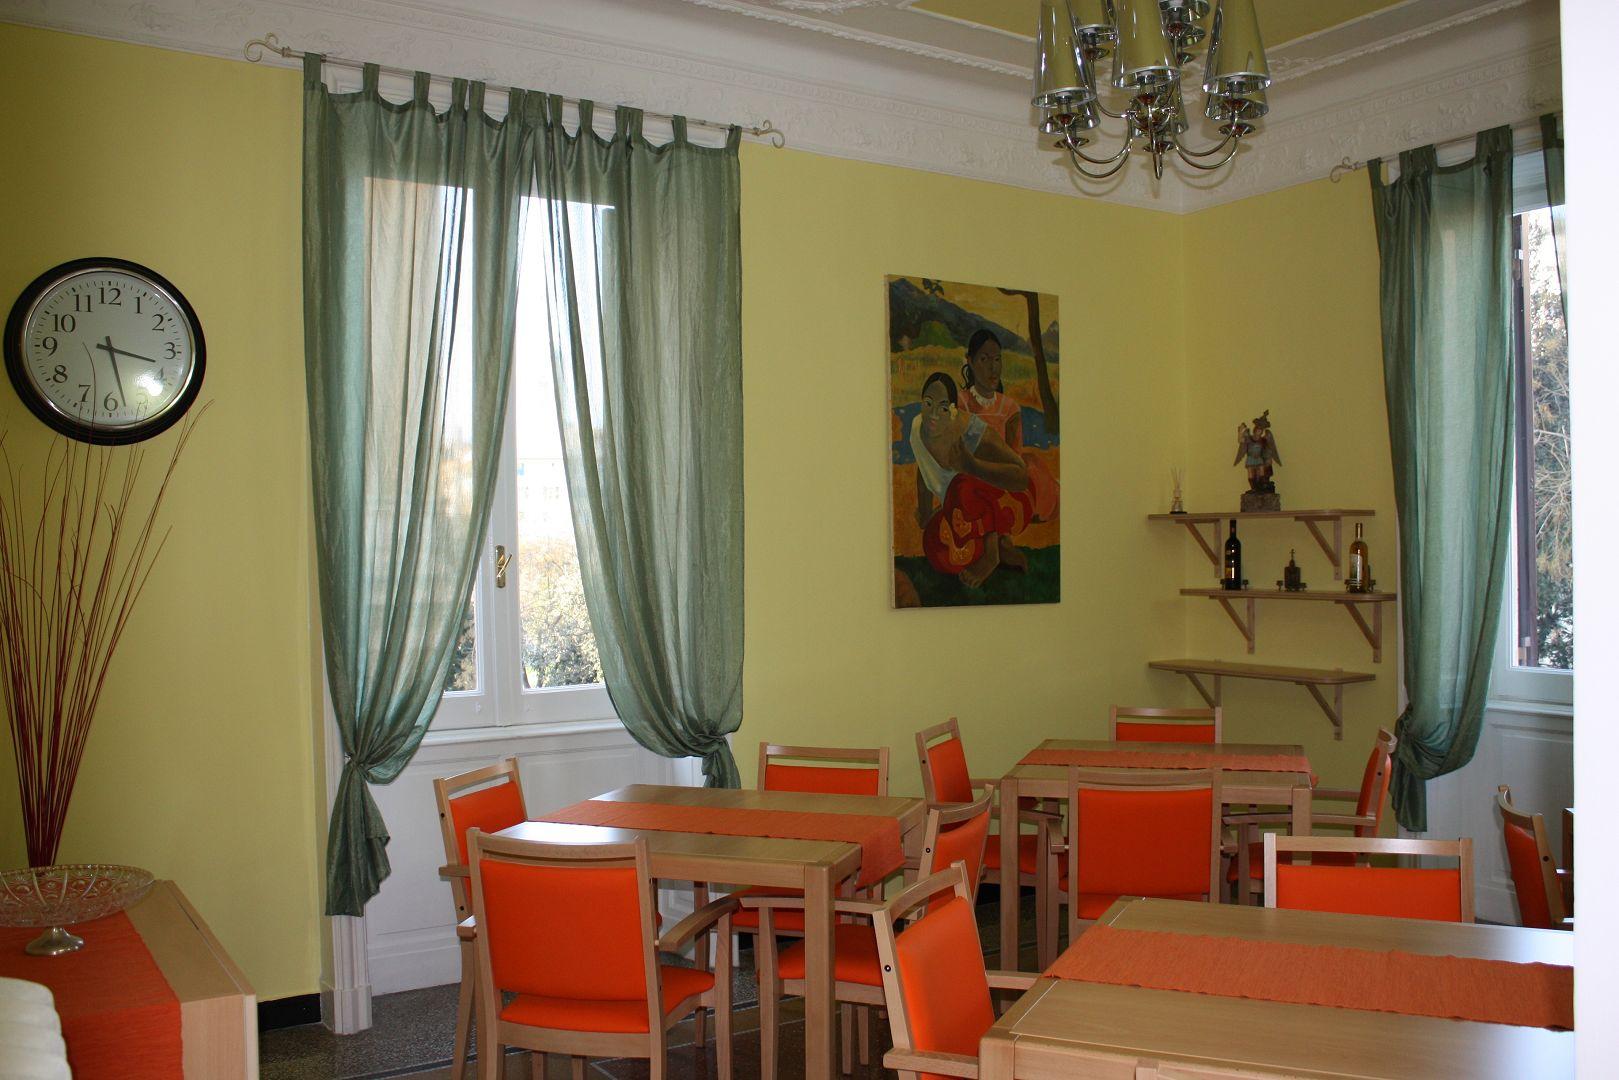 Residenza vannucci mangiare sano men terza et stagionale pranzo cena autonomia salute - Paul signac la sala da pranzo ...